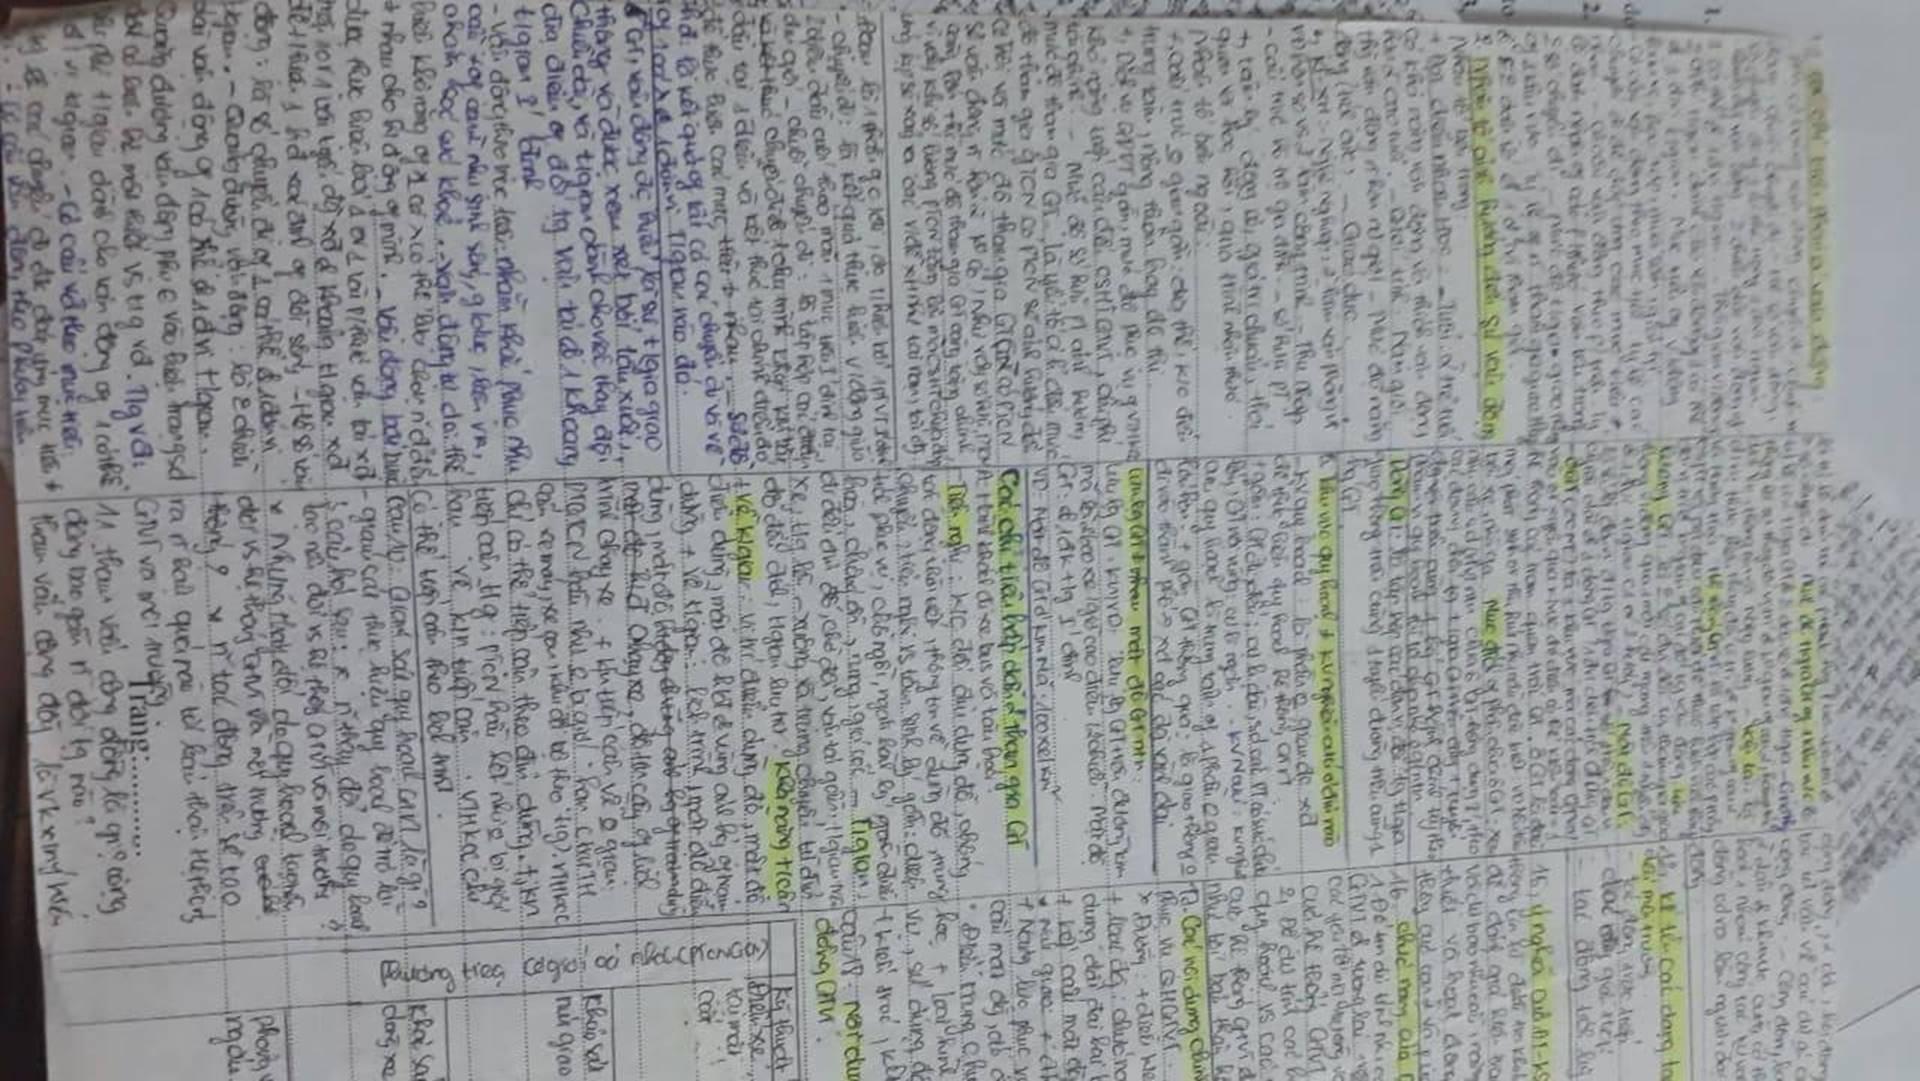 Giáo viên cho mang 1 tờ giấy ghi kiến thức vào phòng thi, sinh viên chép sương sương cũng được cả quyển sách!-2